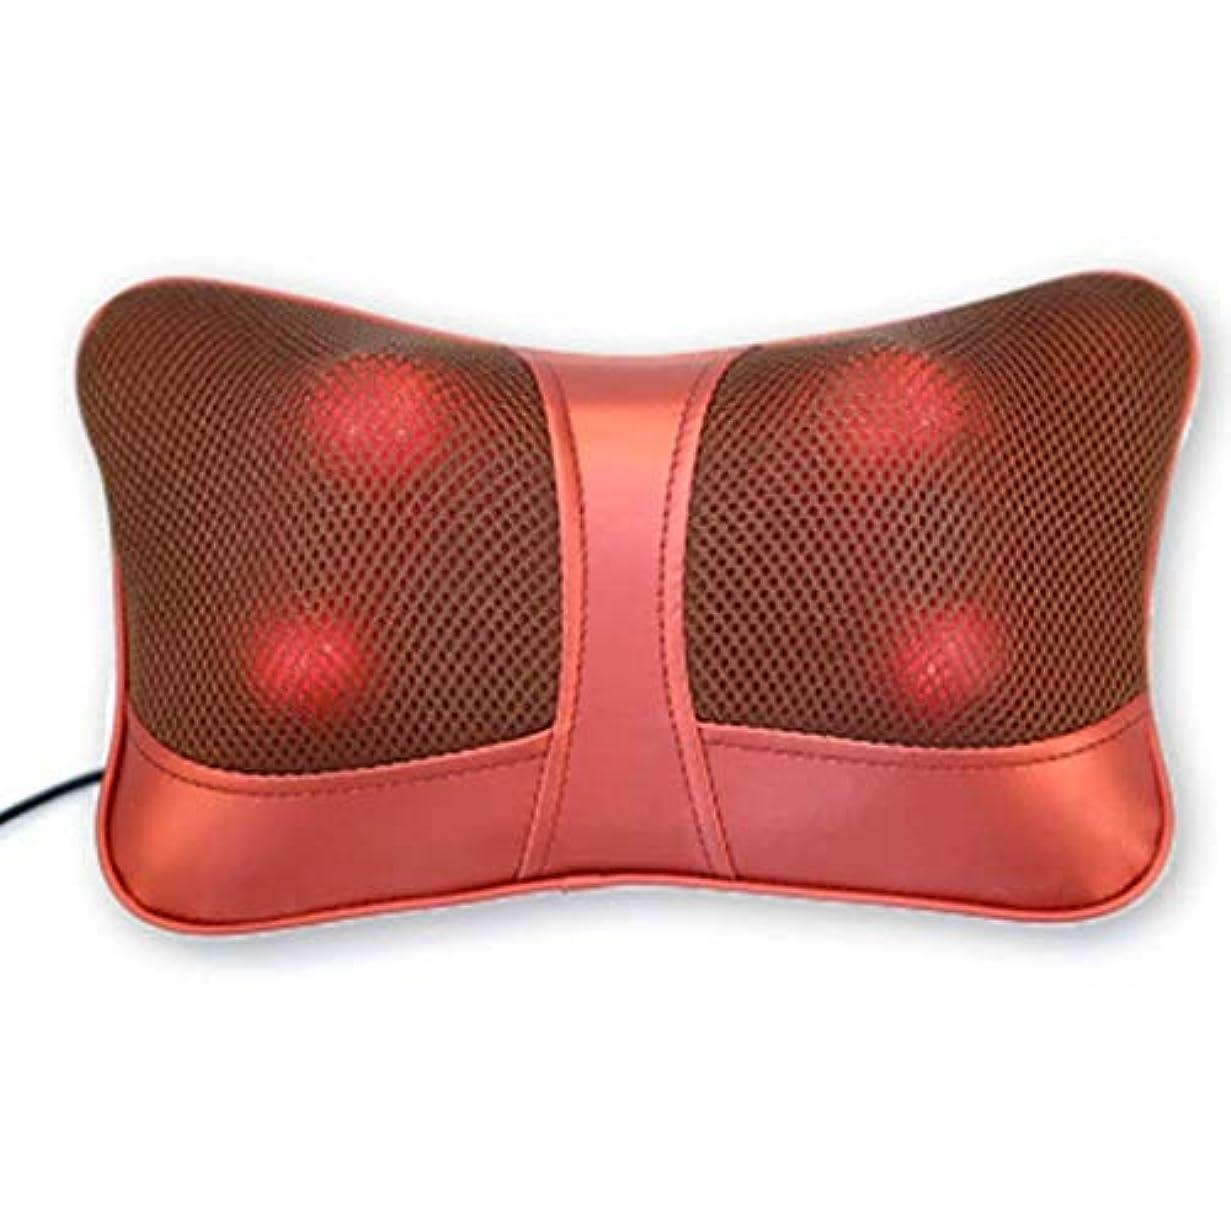 亡命葉巻キリマンジャロマッサージ枕、指圧首マッサージャー、3Dスクワットマッサージ枕、熱処理と暖かいハンドバッグ、首、肩と背中の疲れを和らげるのに適した